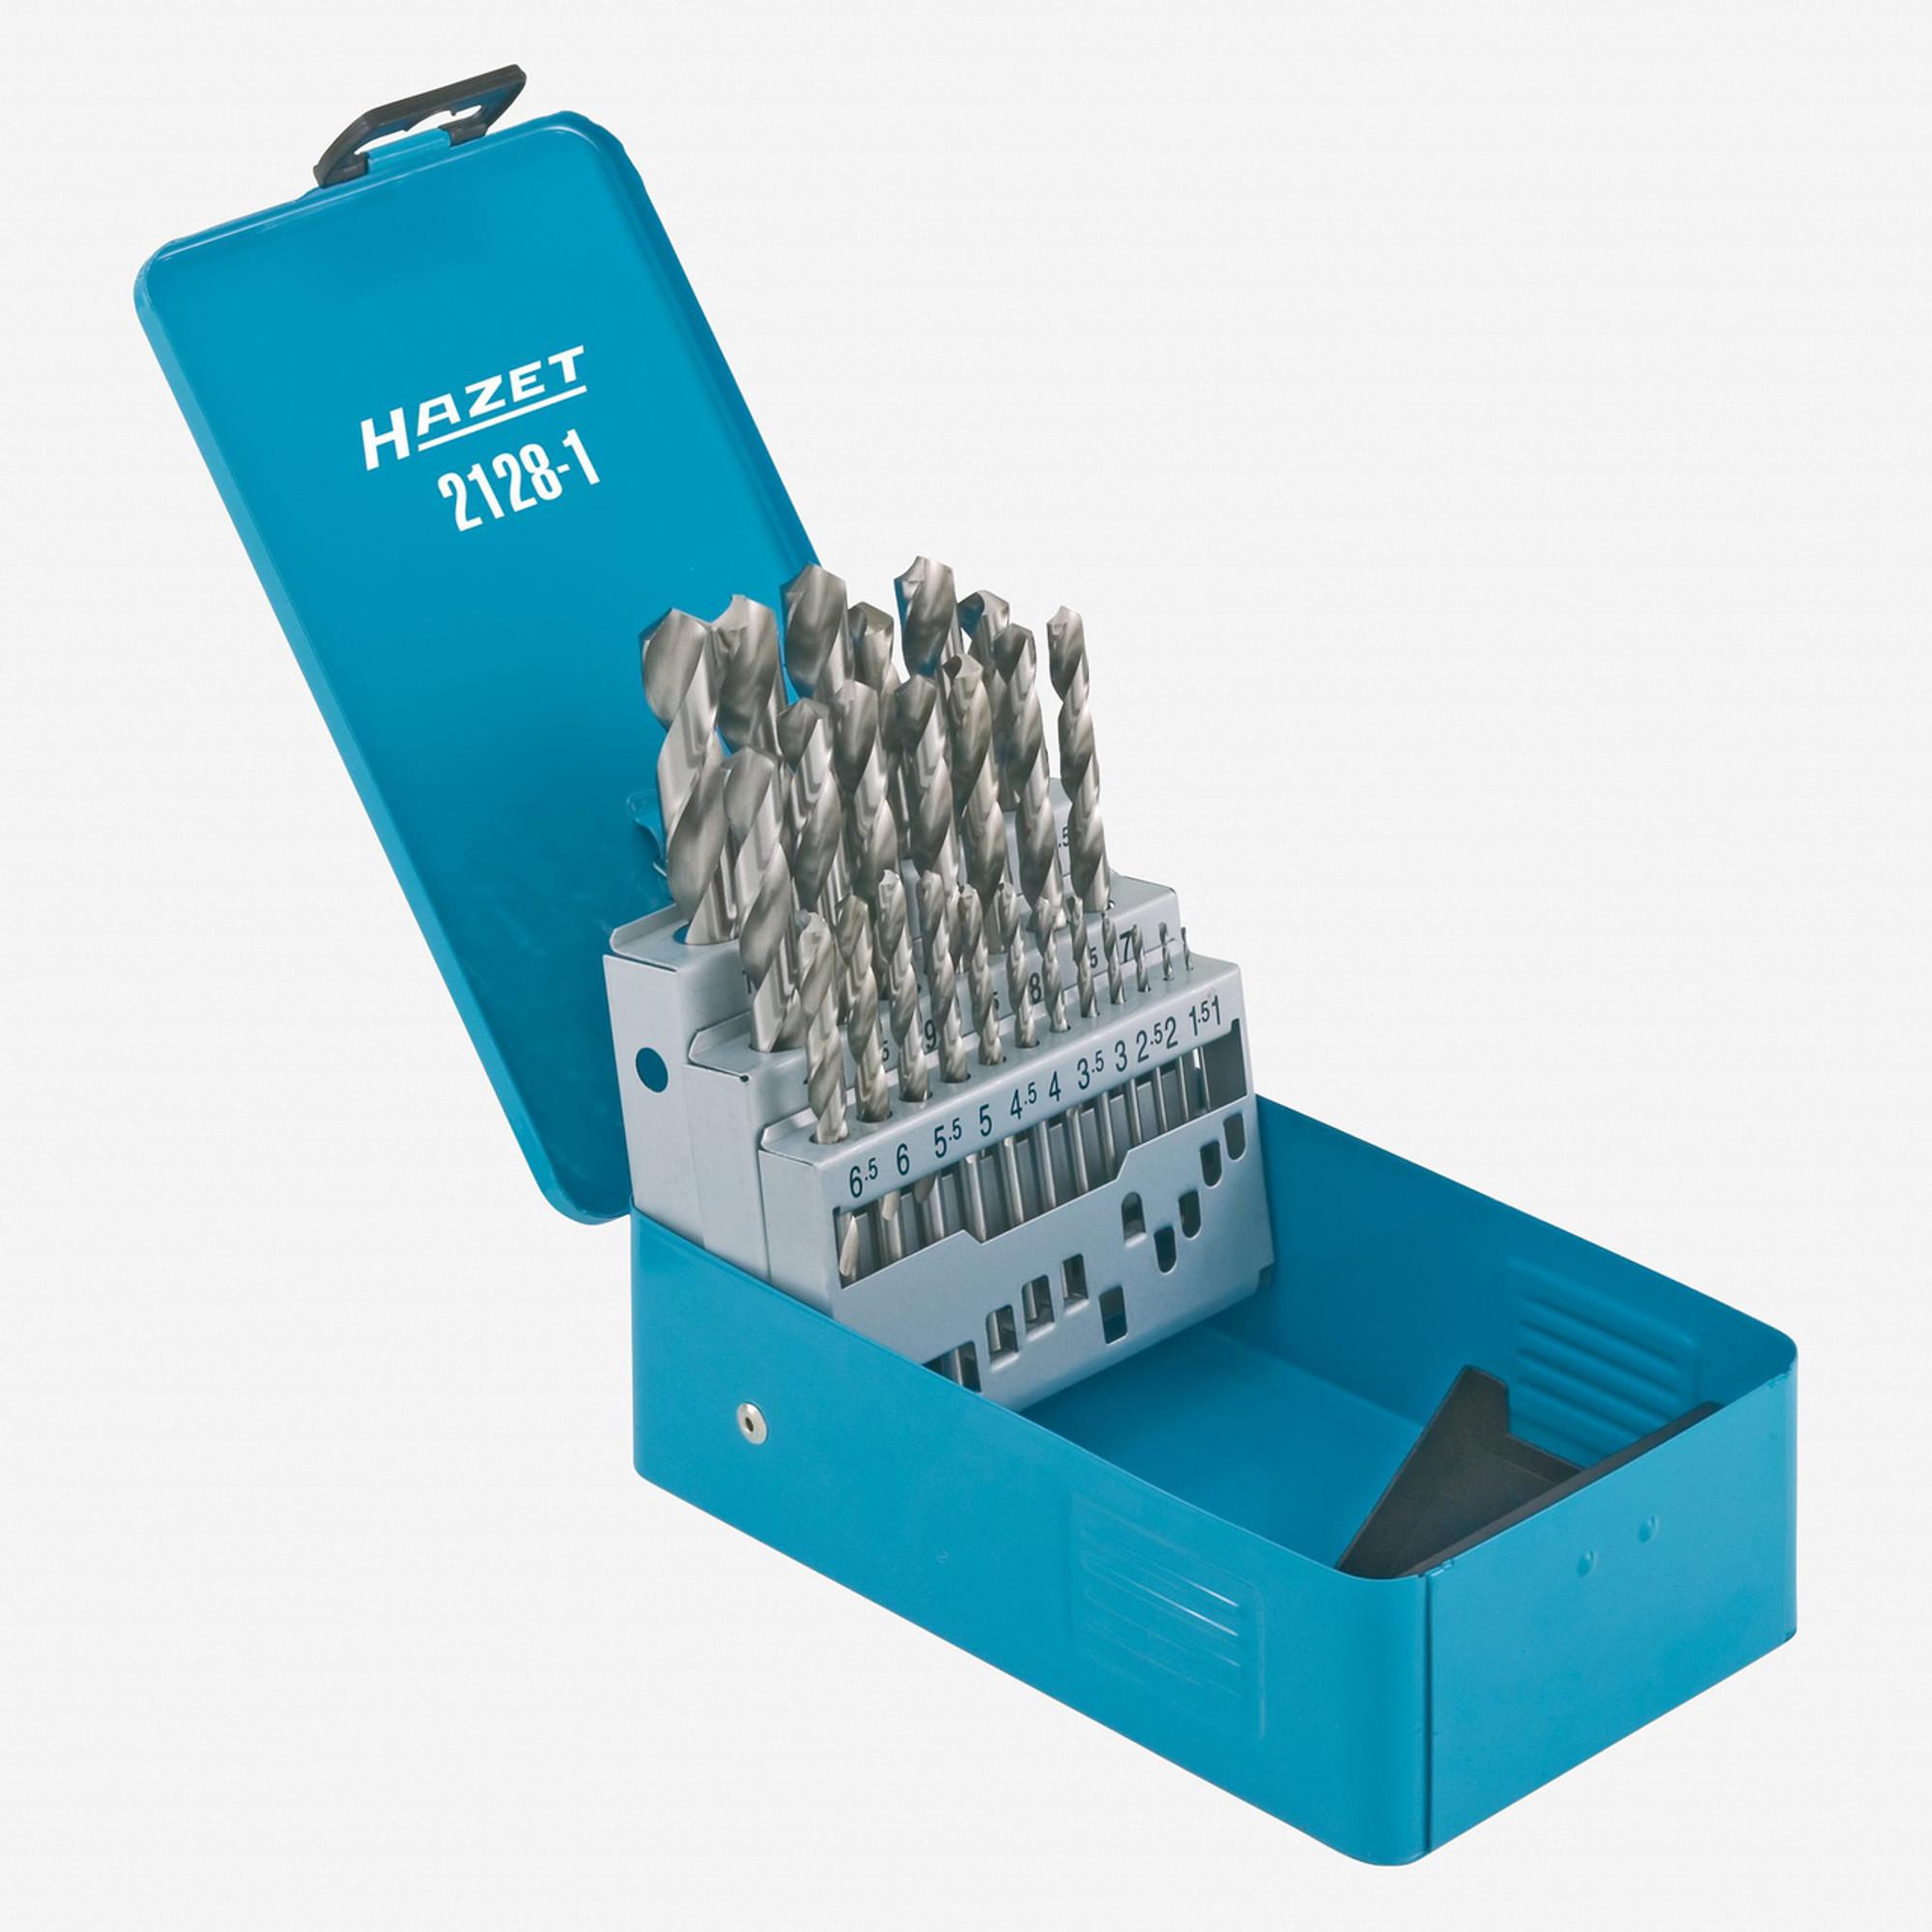 Hazet 2128-1 Twist drill bits in case